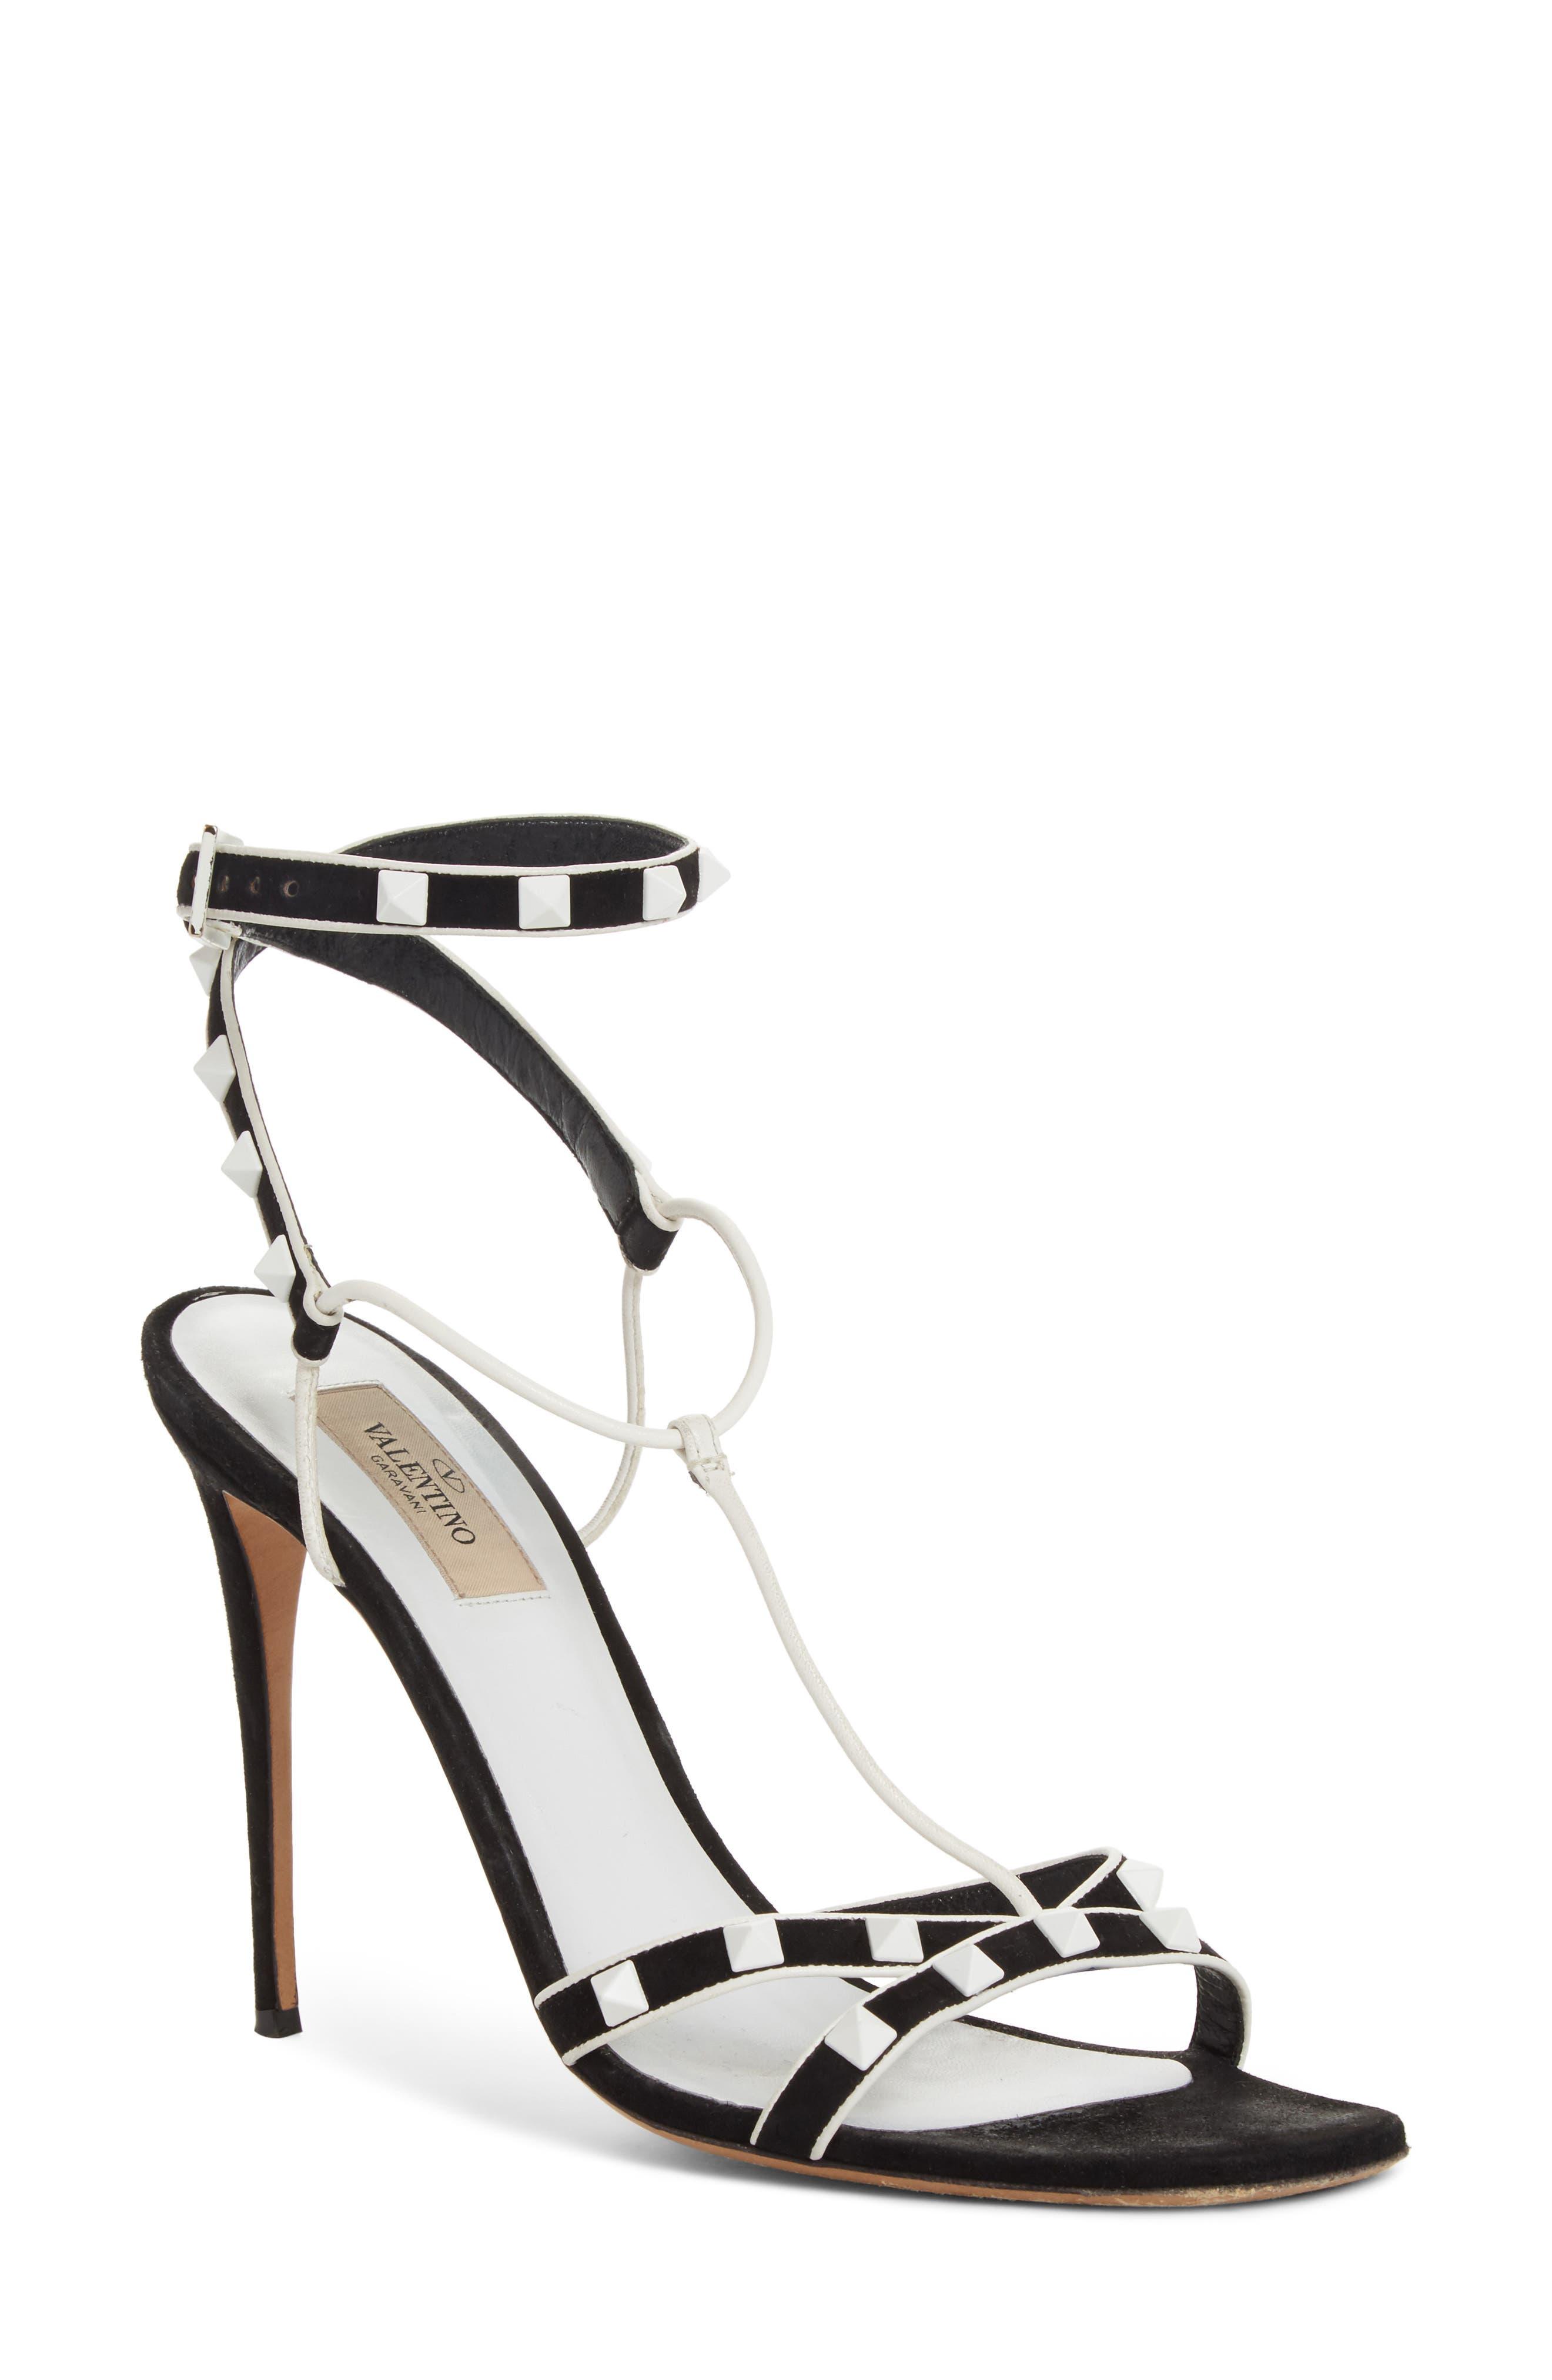 Valentino Free Rockstud T-Strap Sandal,                             Main thumbnail 1, color,                             Black/ White